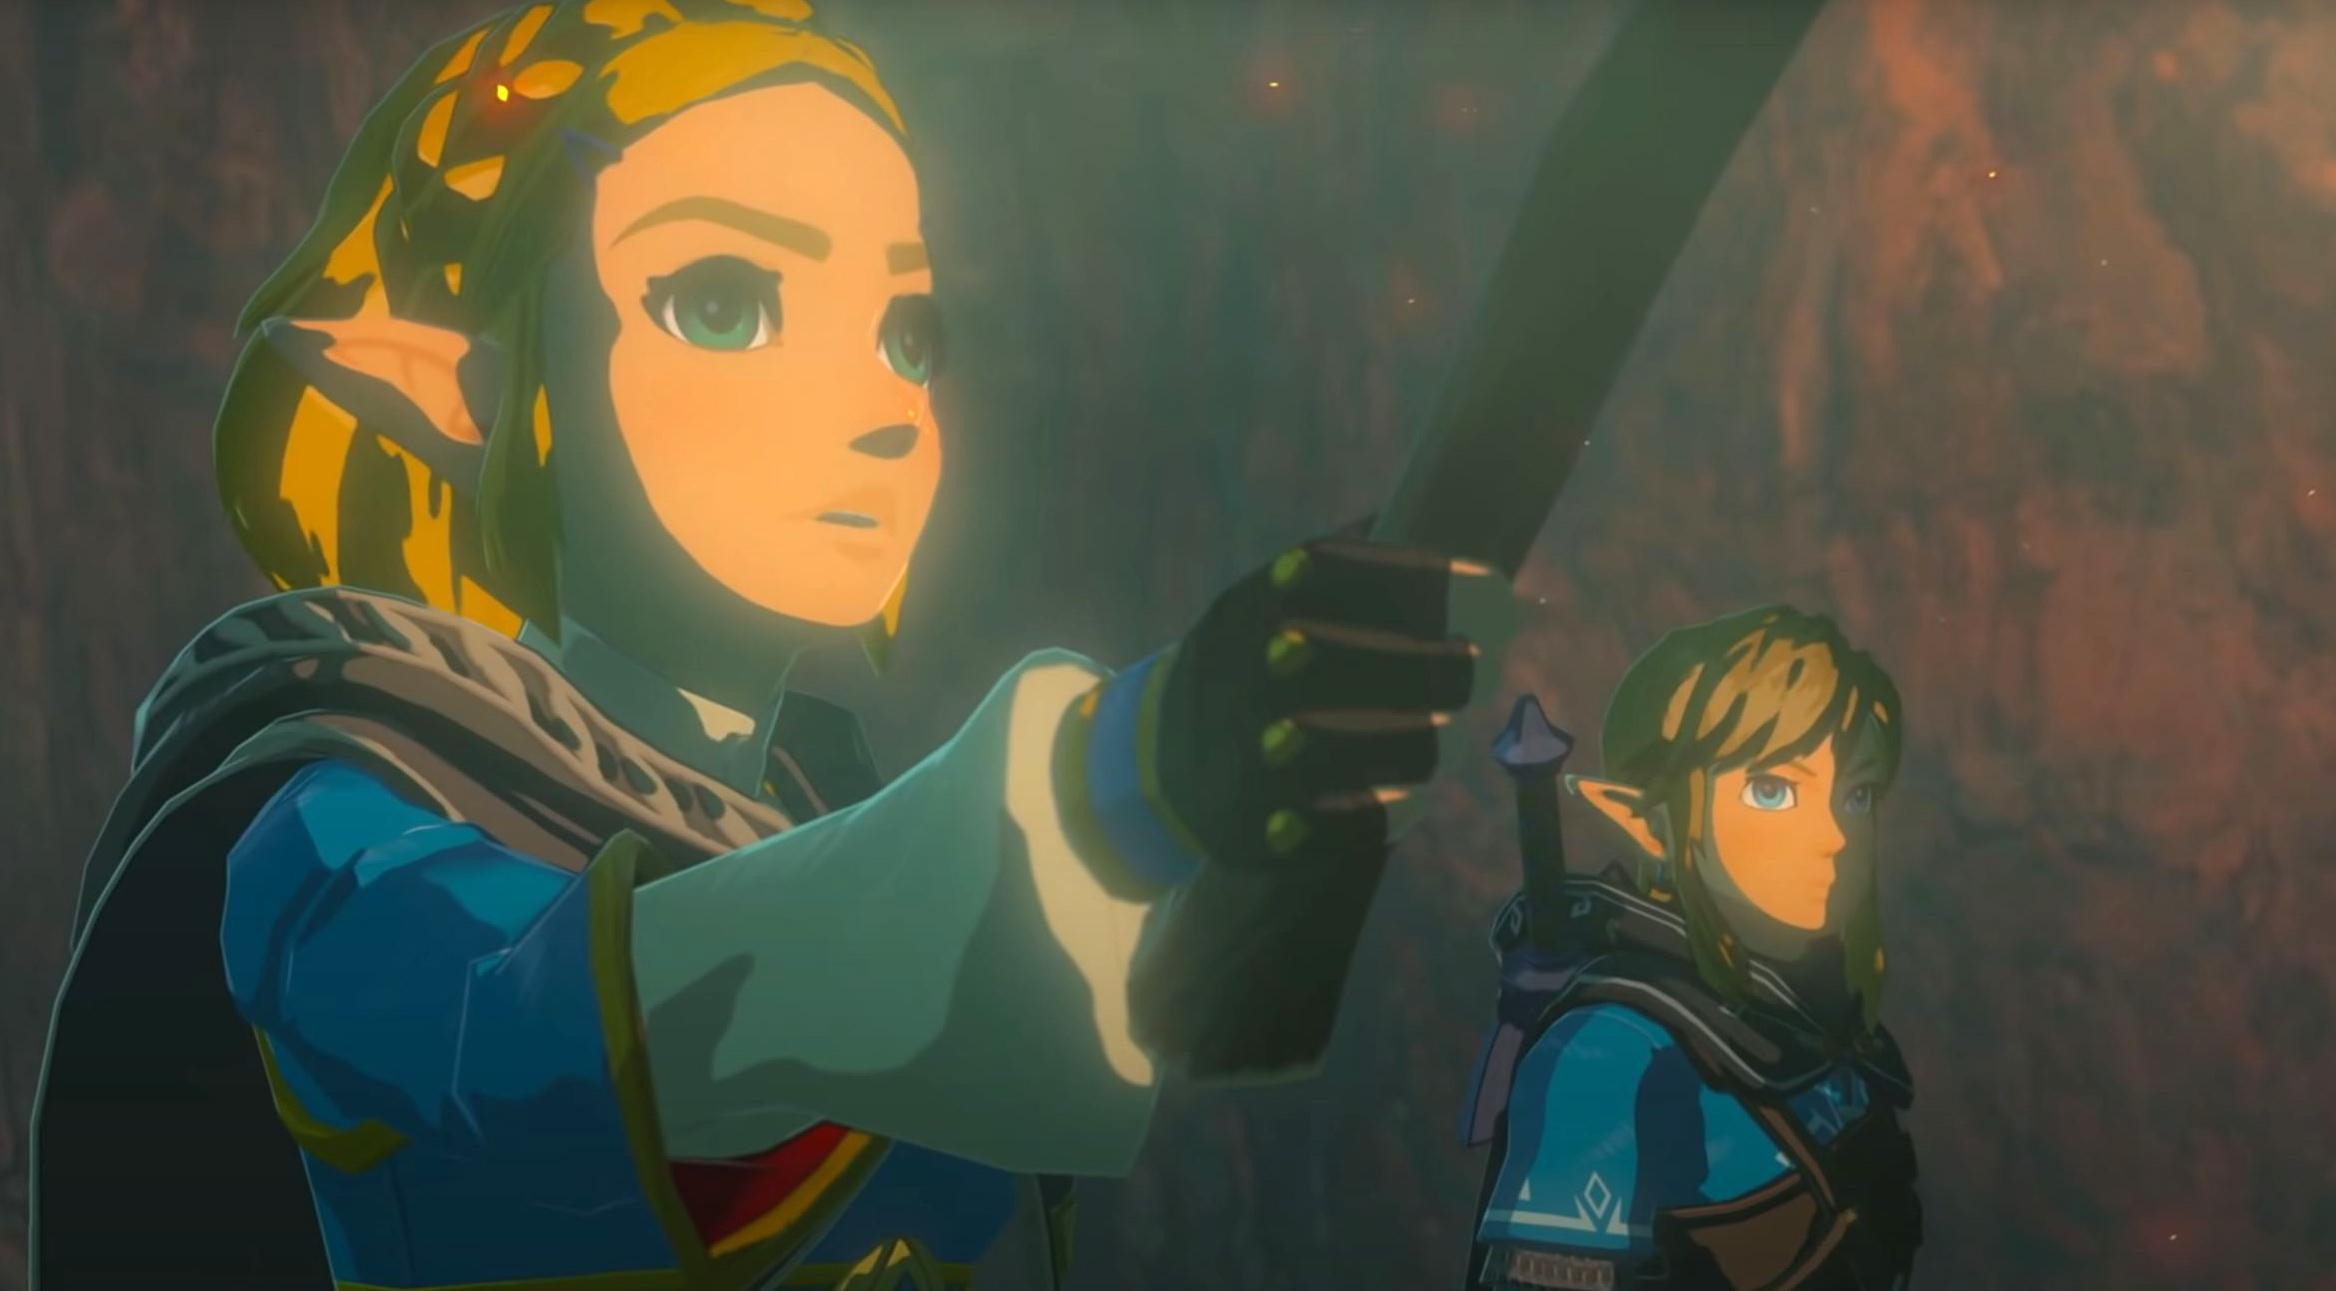 Nå sparkes årets store spillmesse E3 i gang